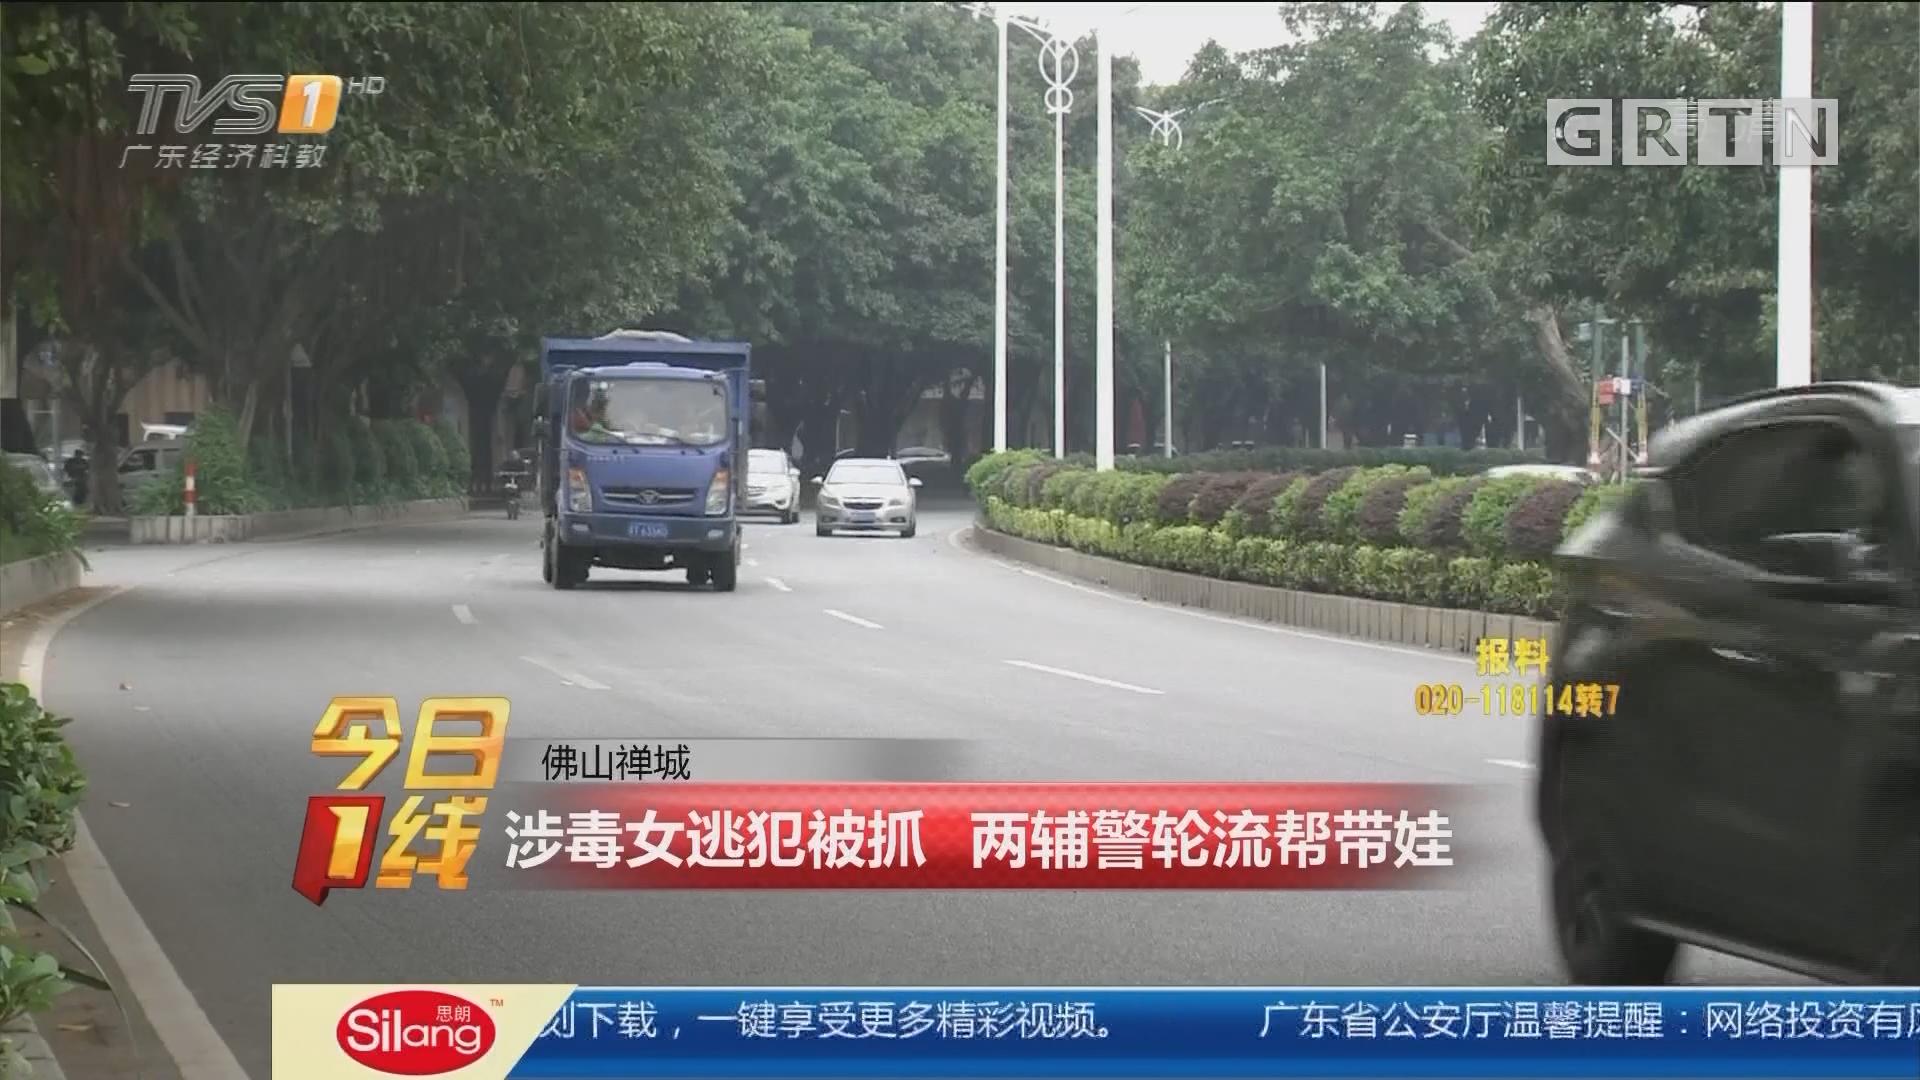 佛山禅城:涉毒女逃犯被抓 两辅警轮流帮带娃